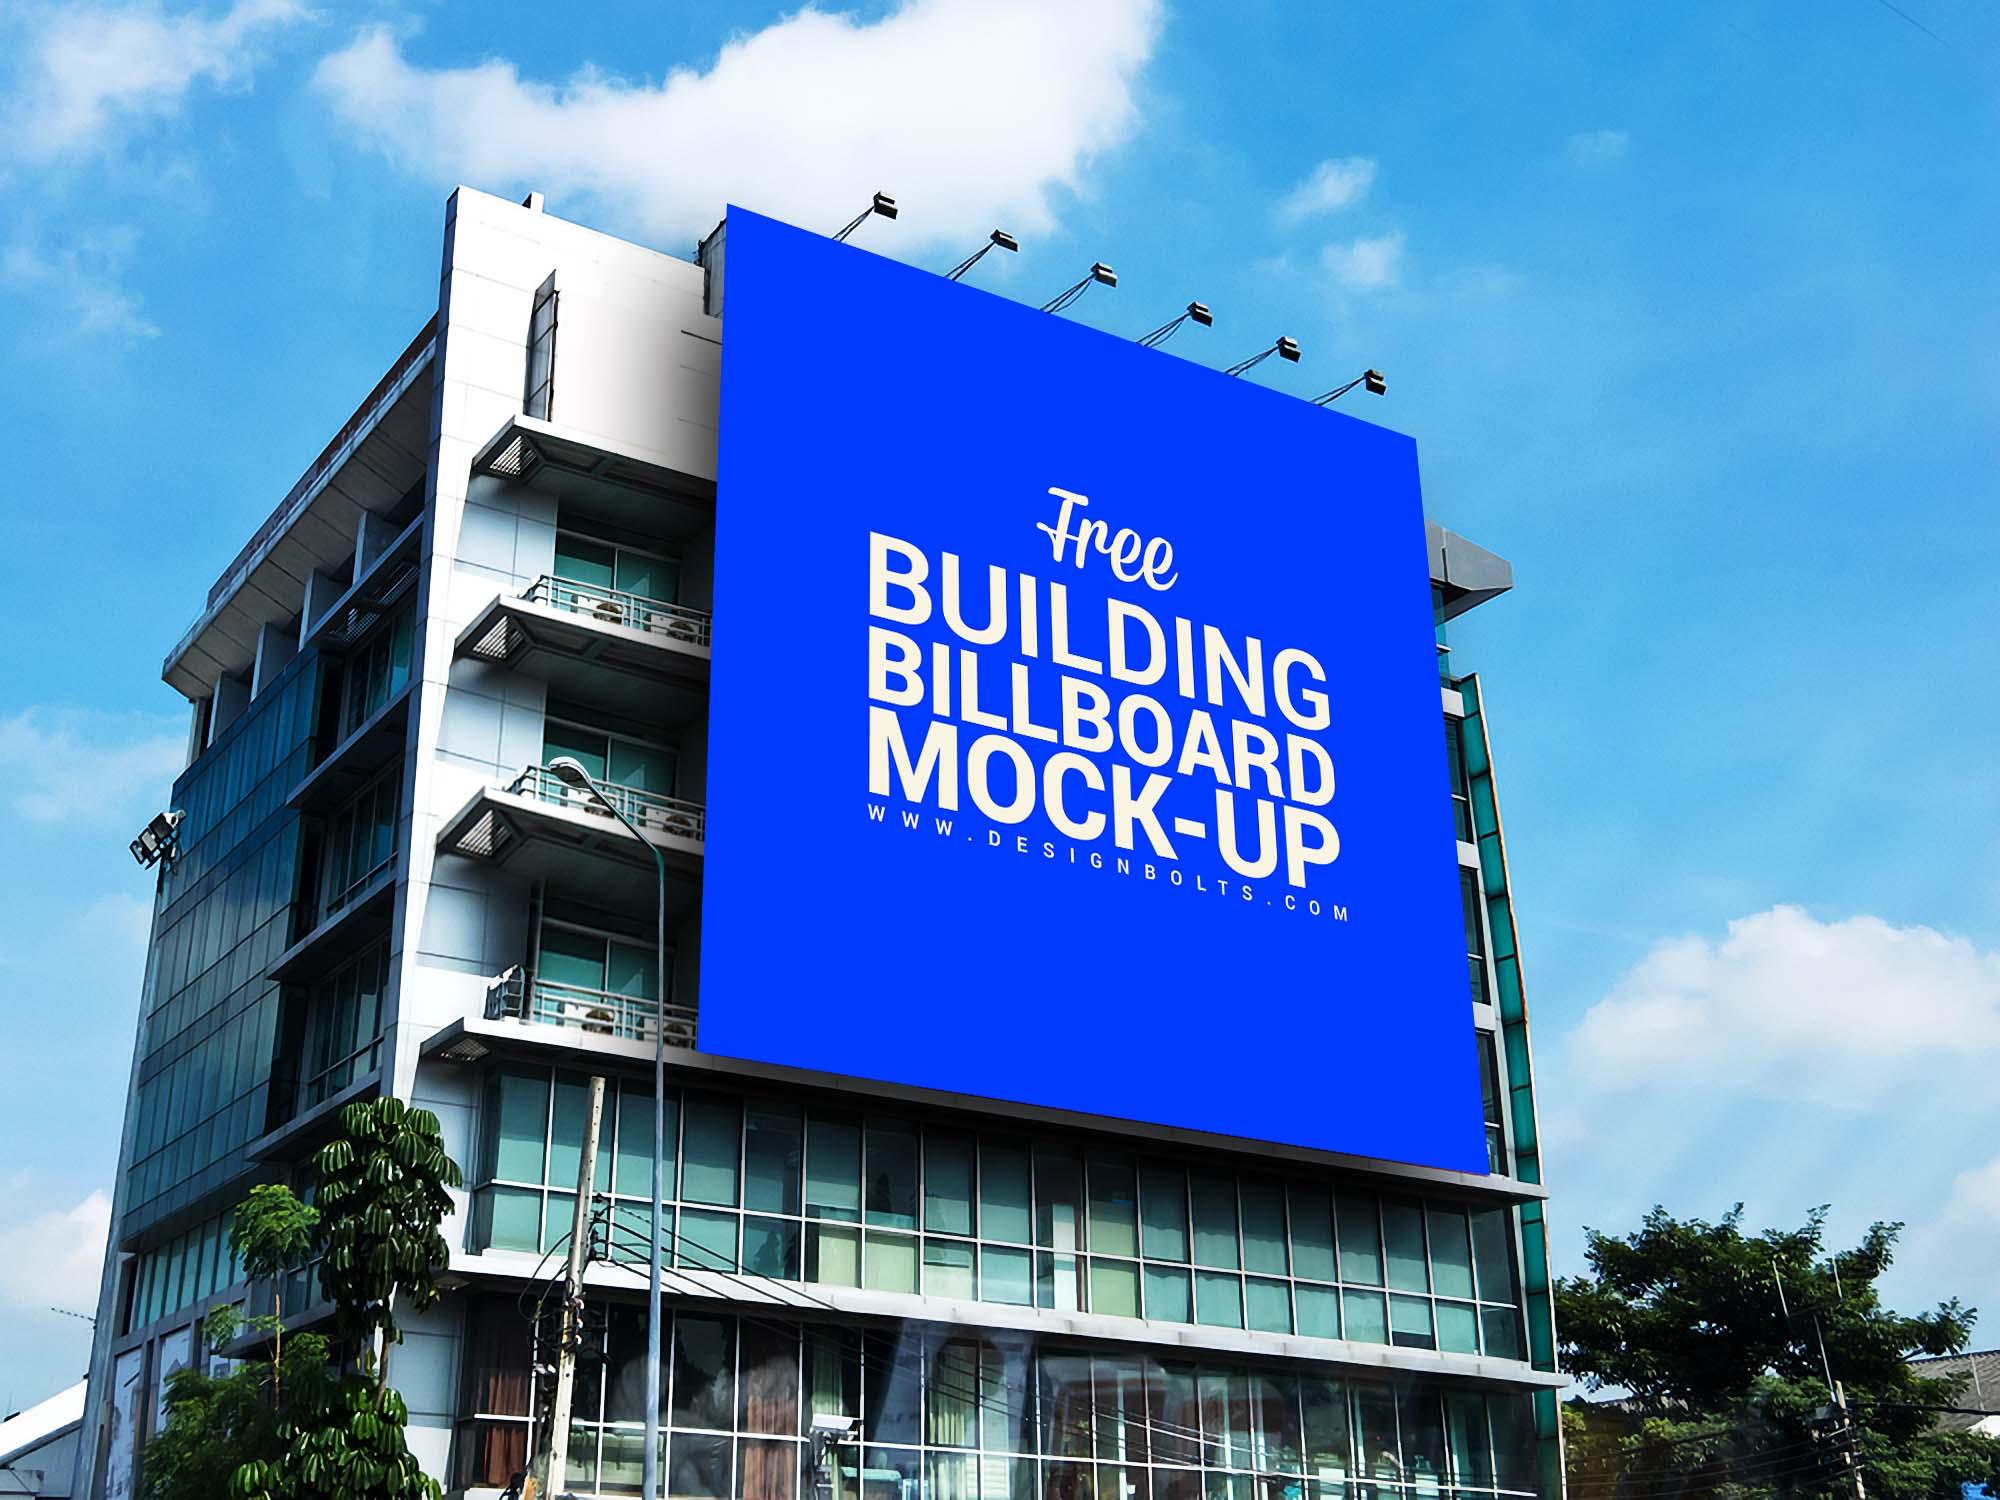 Outdoor Advertisement Building Billboard Mockup 2